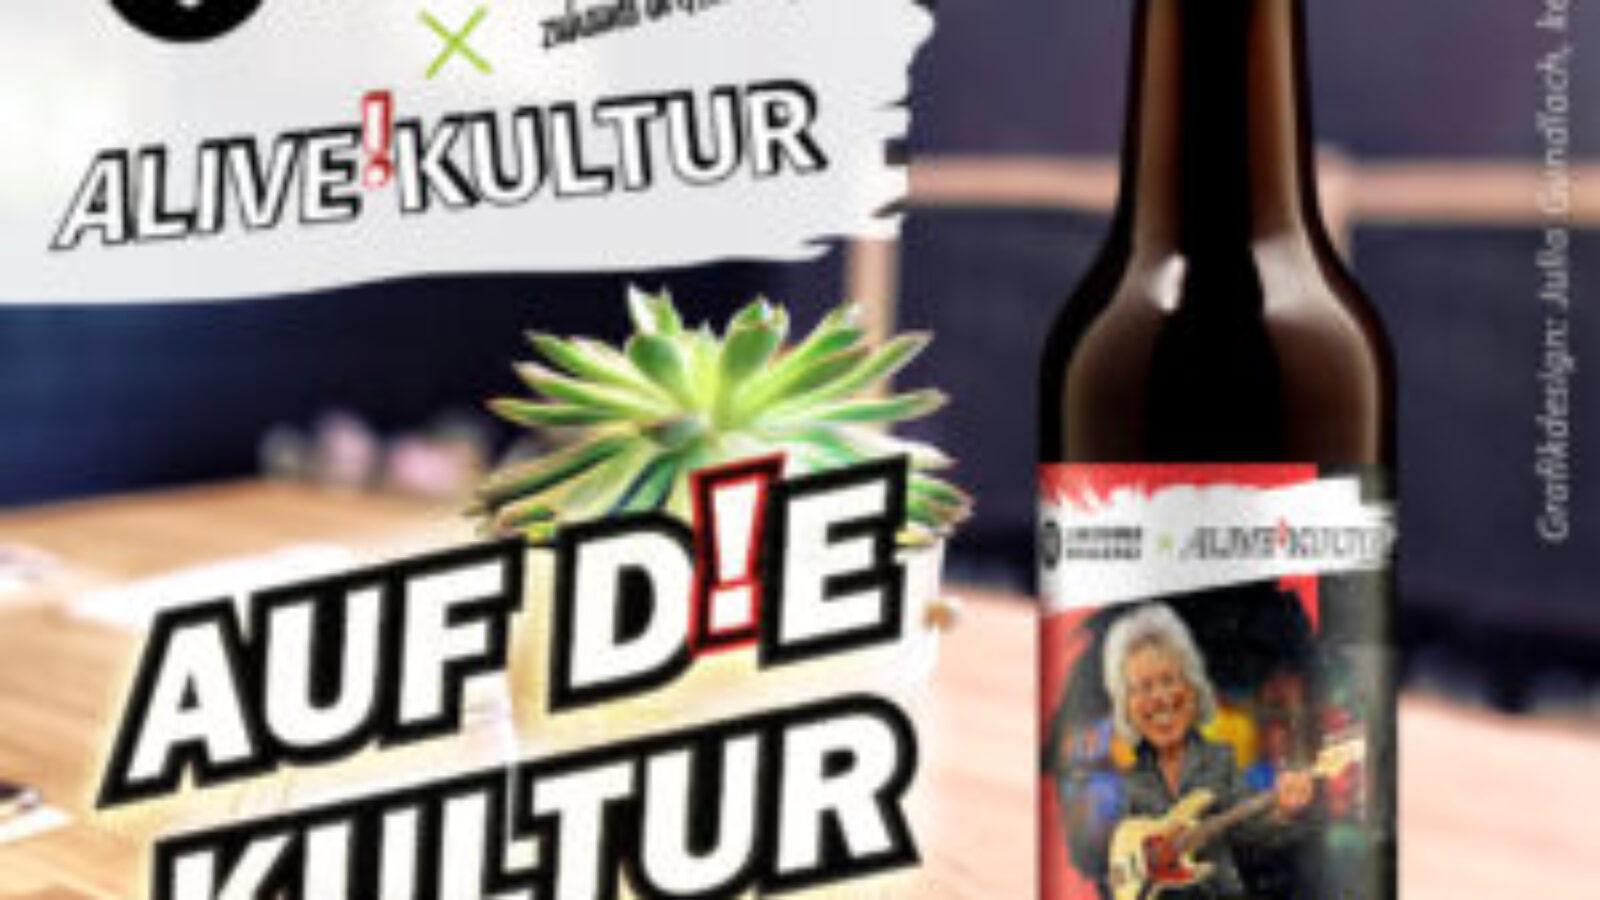 Prost auf die Kultur: RETTERBIER von ALIVE!KULTUR